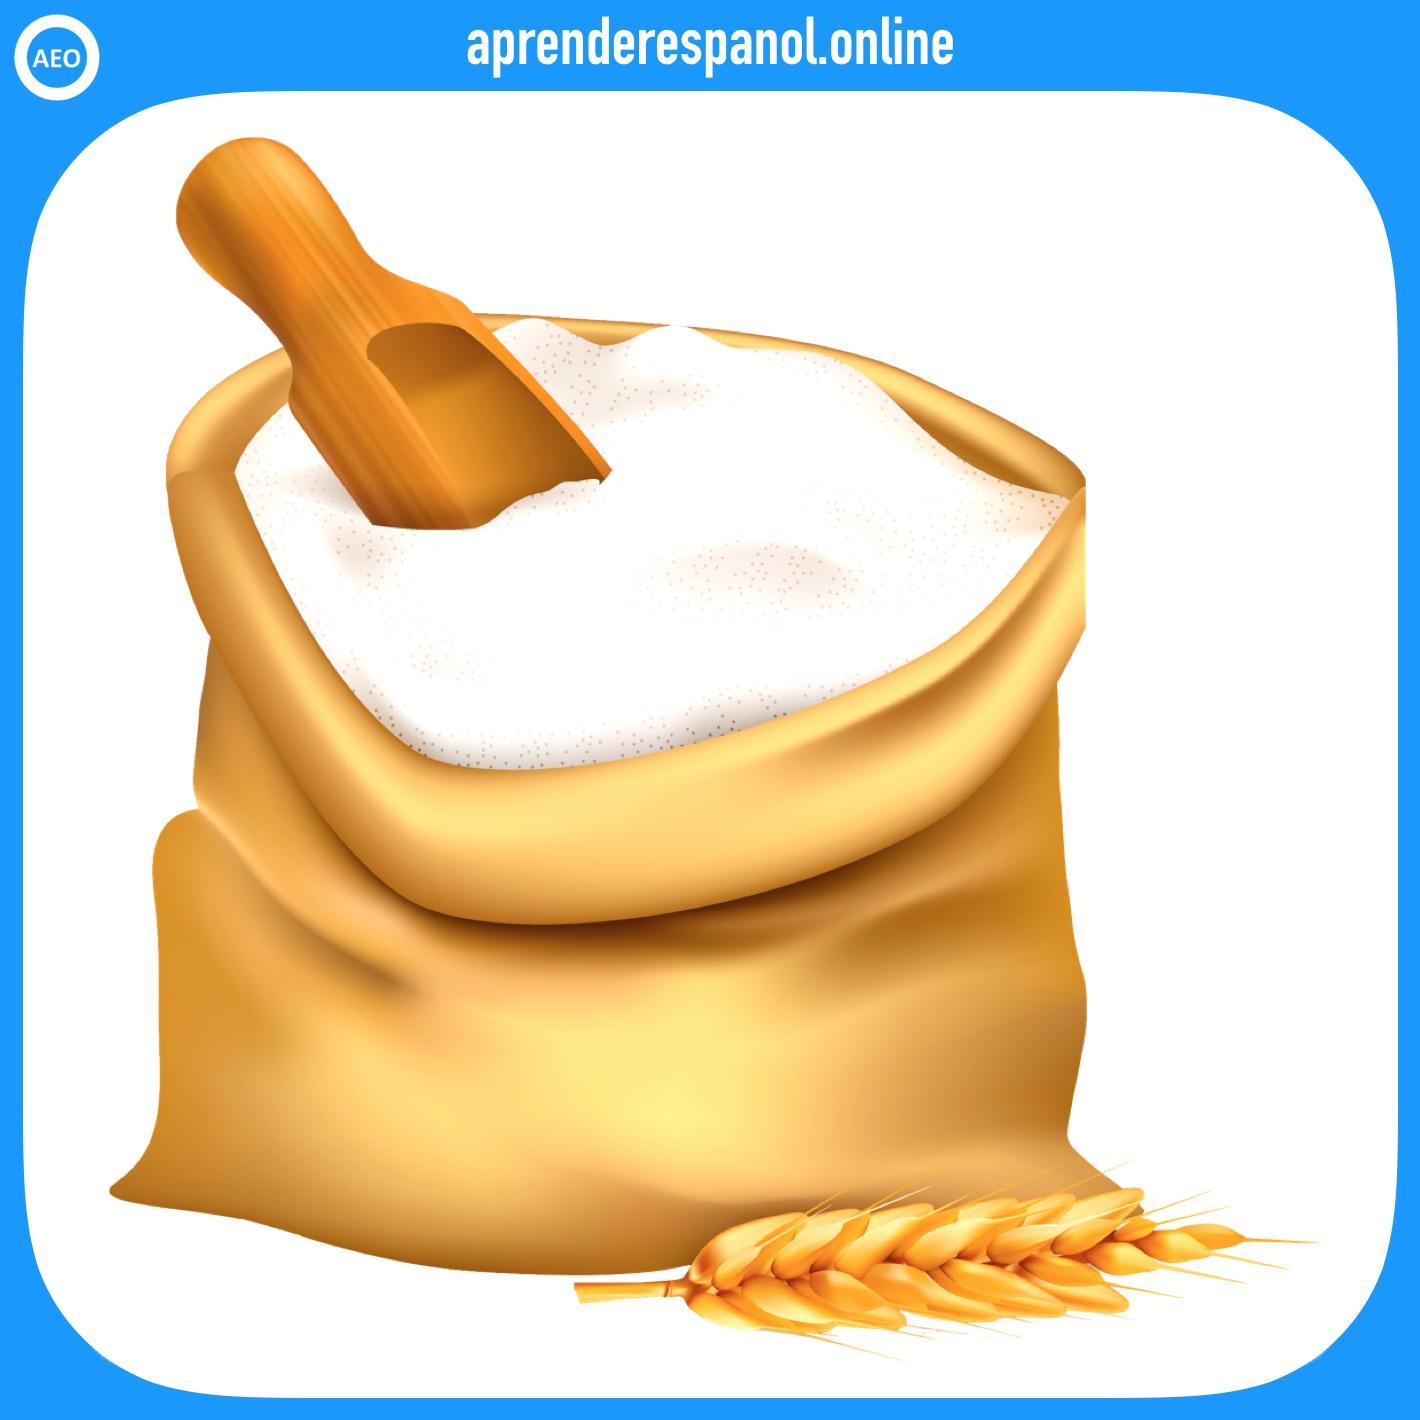 harina   alimentos en español   vocabulario de los alimentos en español